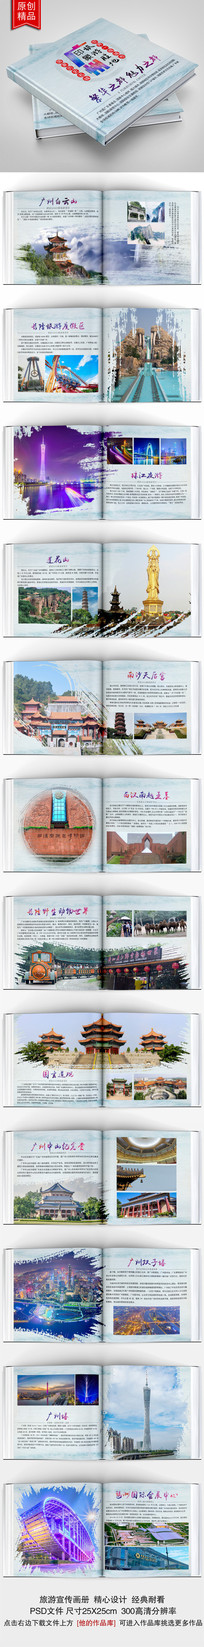 经典中国风广州印象旅游画册